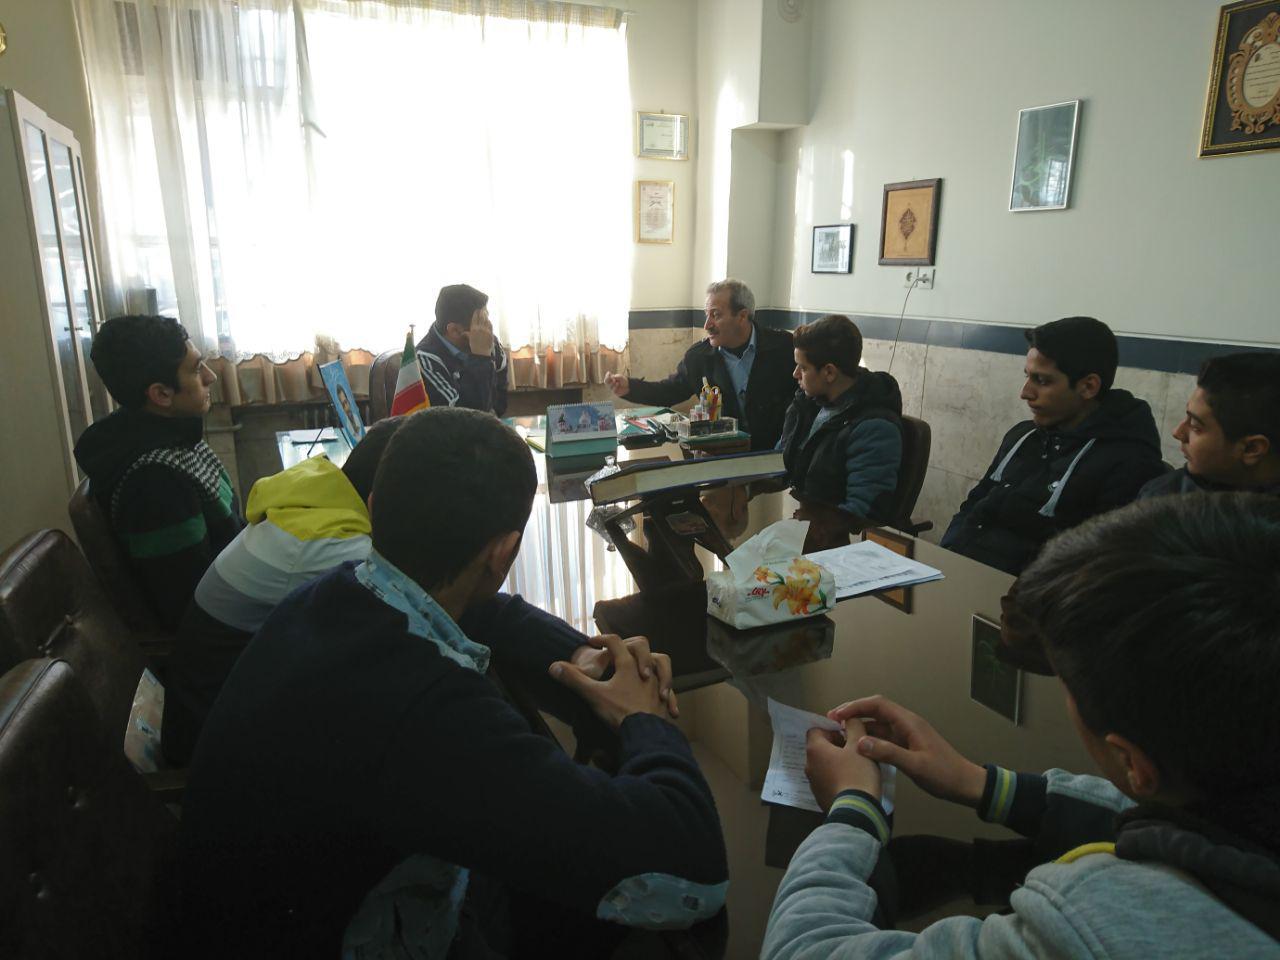 جلسه ی انتظامات با مدیریت و معاونت دبیرستان برگزار شد.